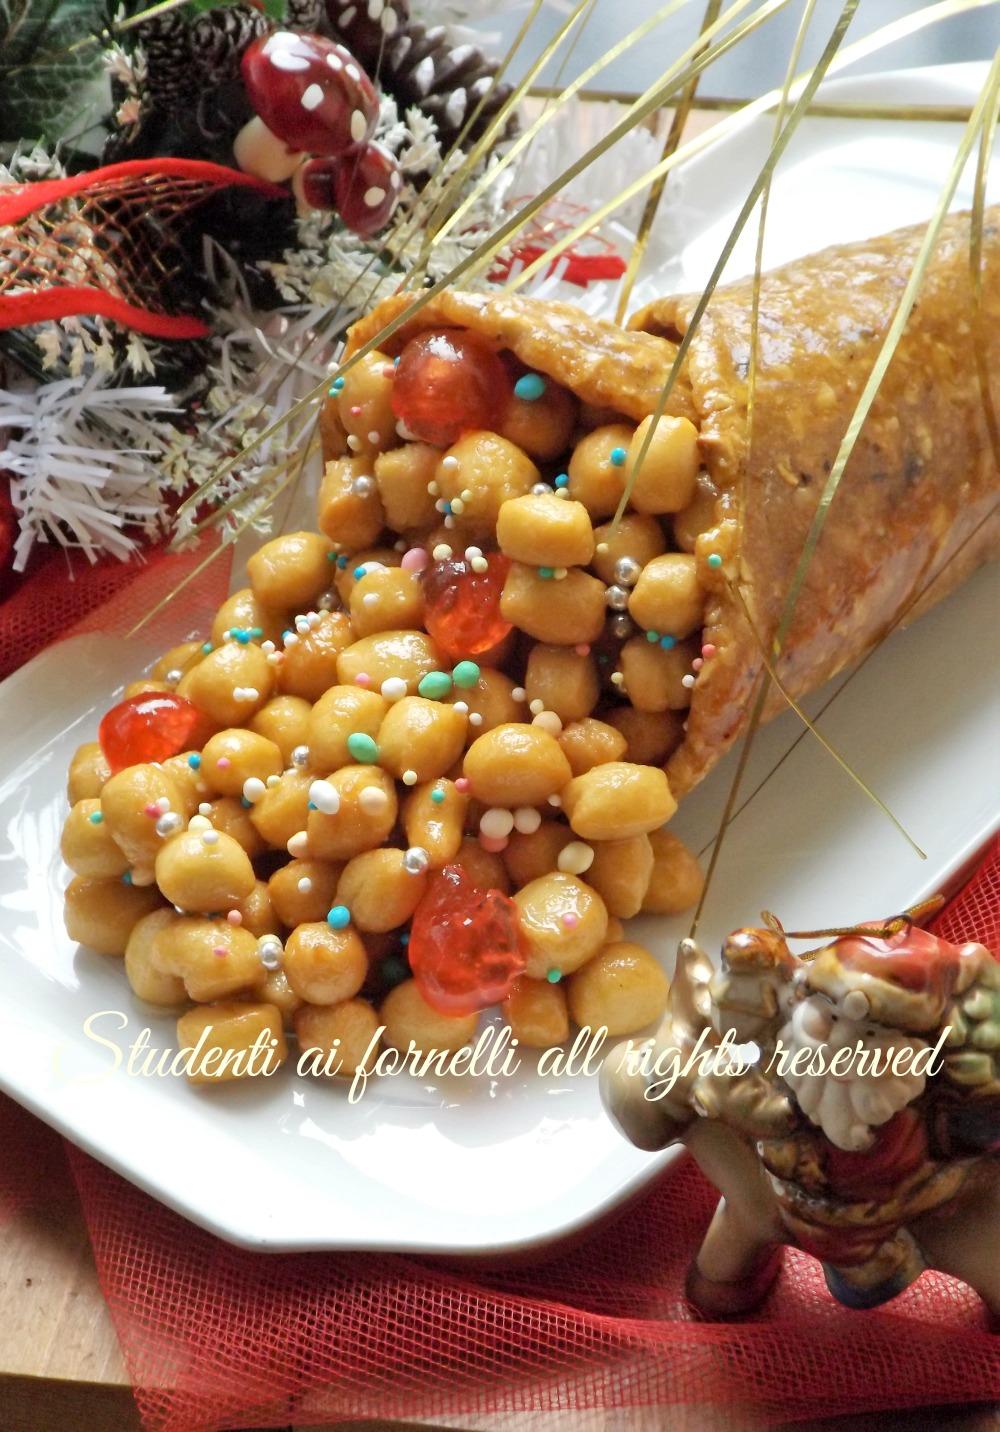 cornucopia con struffoli ricetta dolce tipico natale natalizio napoli struffoli napoletani